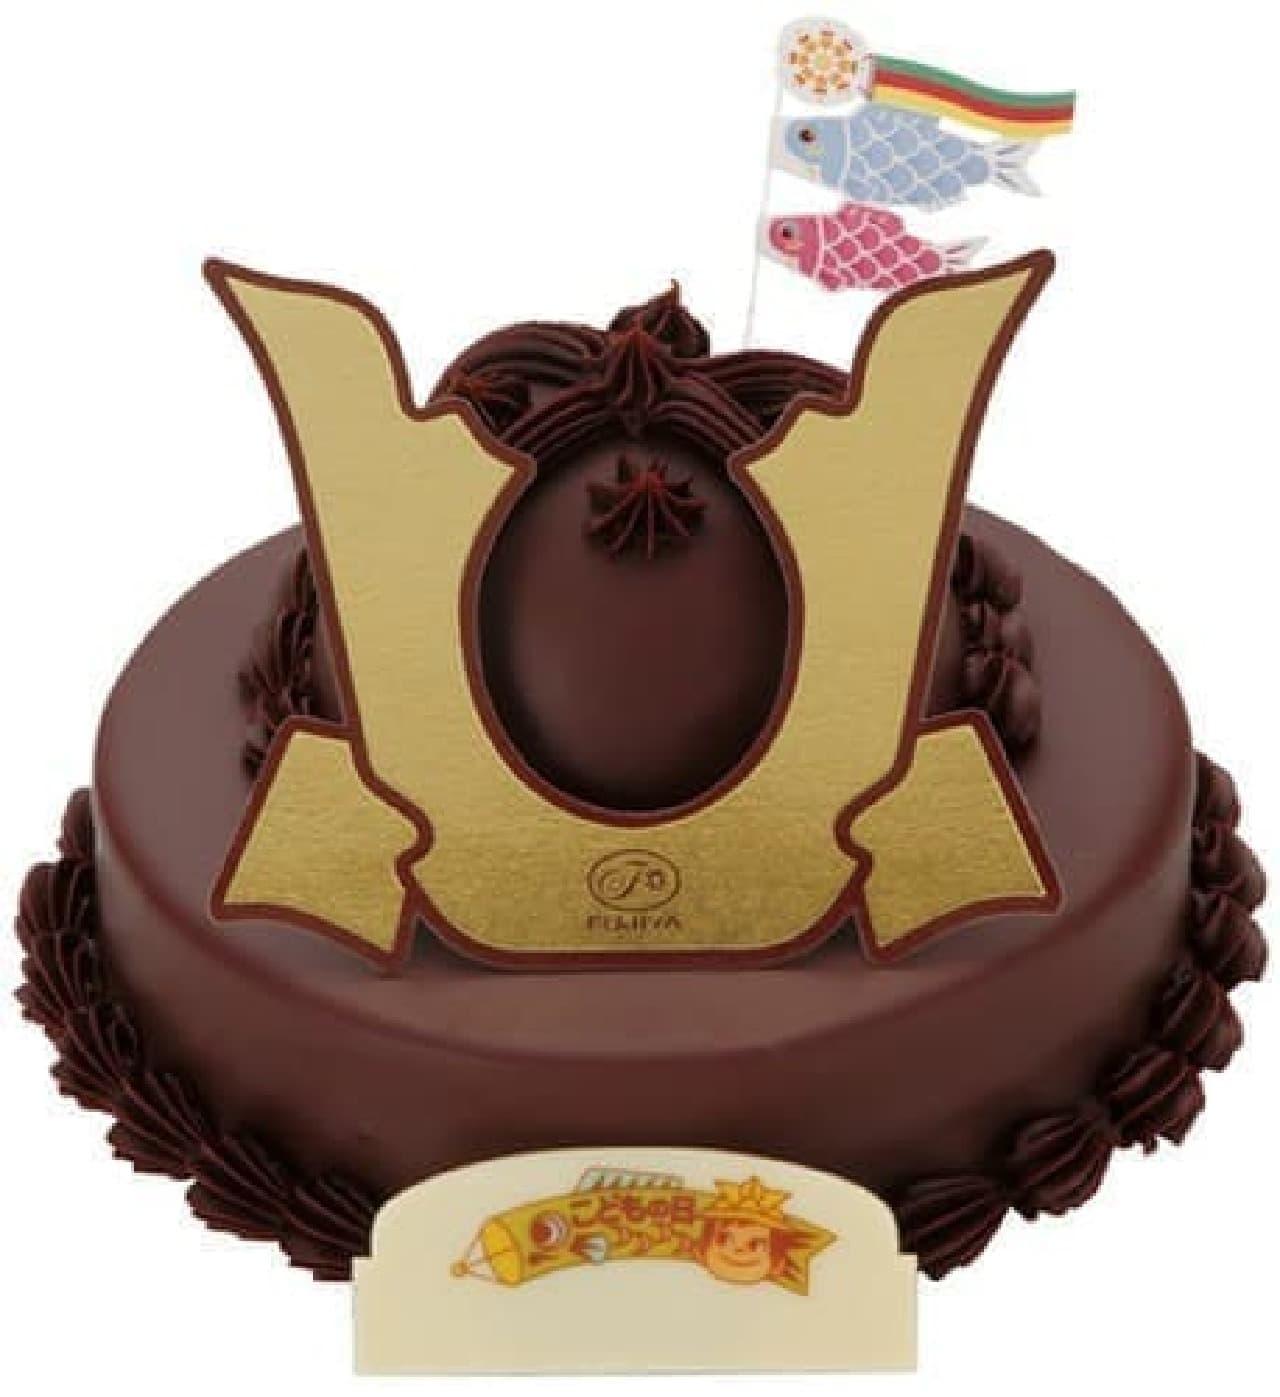 不二家のこどもの日定番商品「かぶとケーキ」、今年も登場